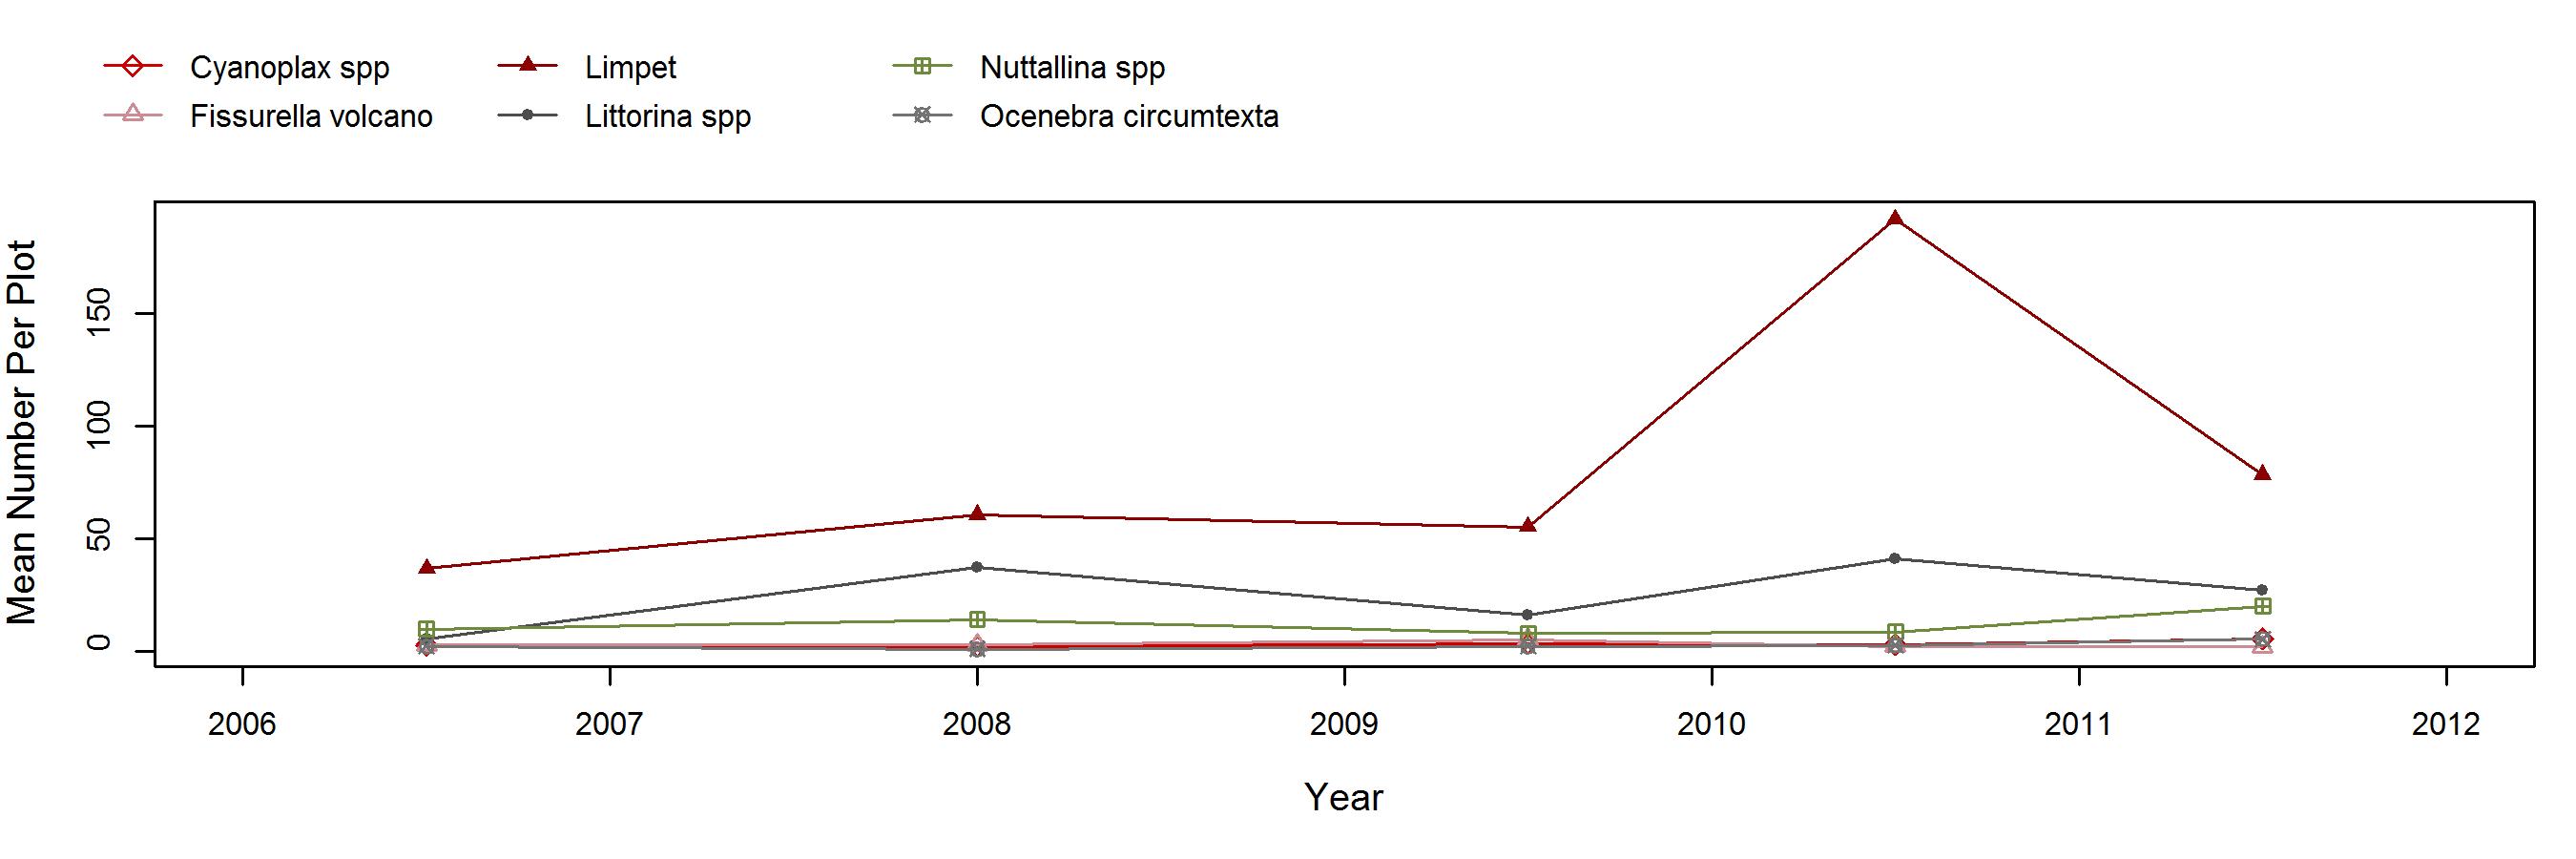 Cat Rock Endocladia trend plot